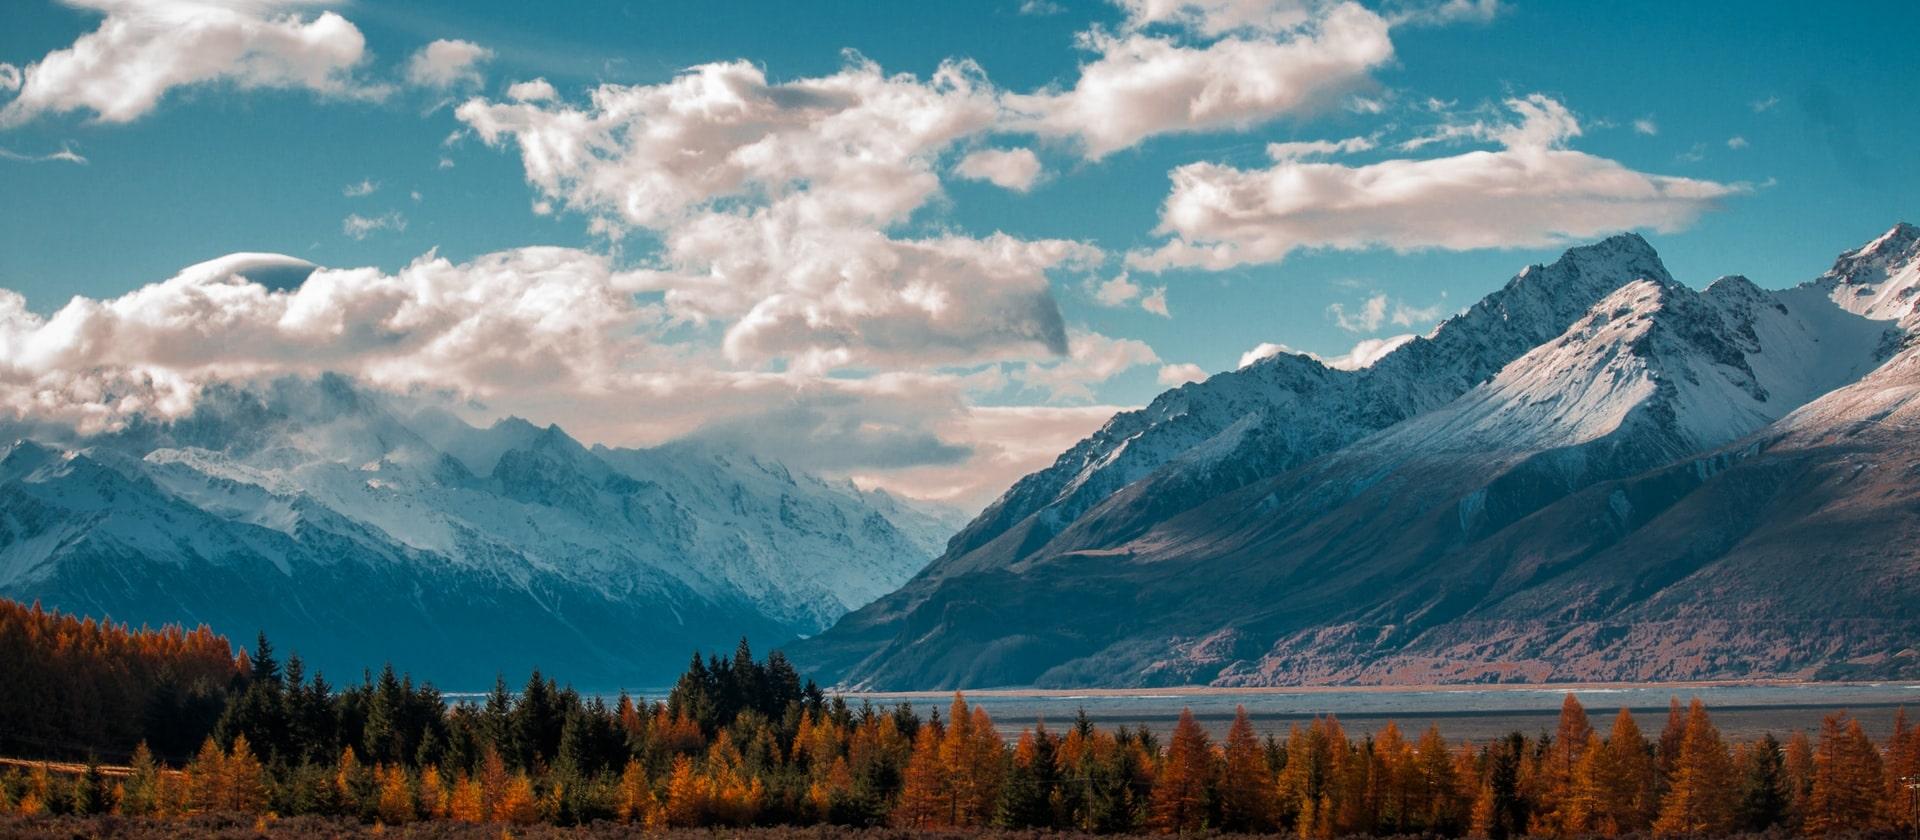 Le lac Pukaki aux pieds des montagnes en Nouvelle-Zélande